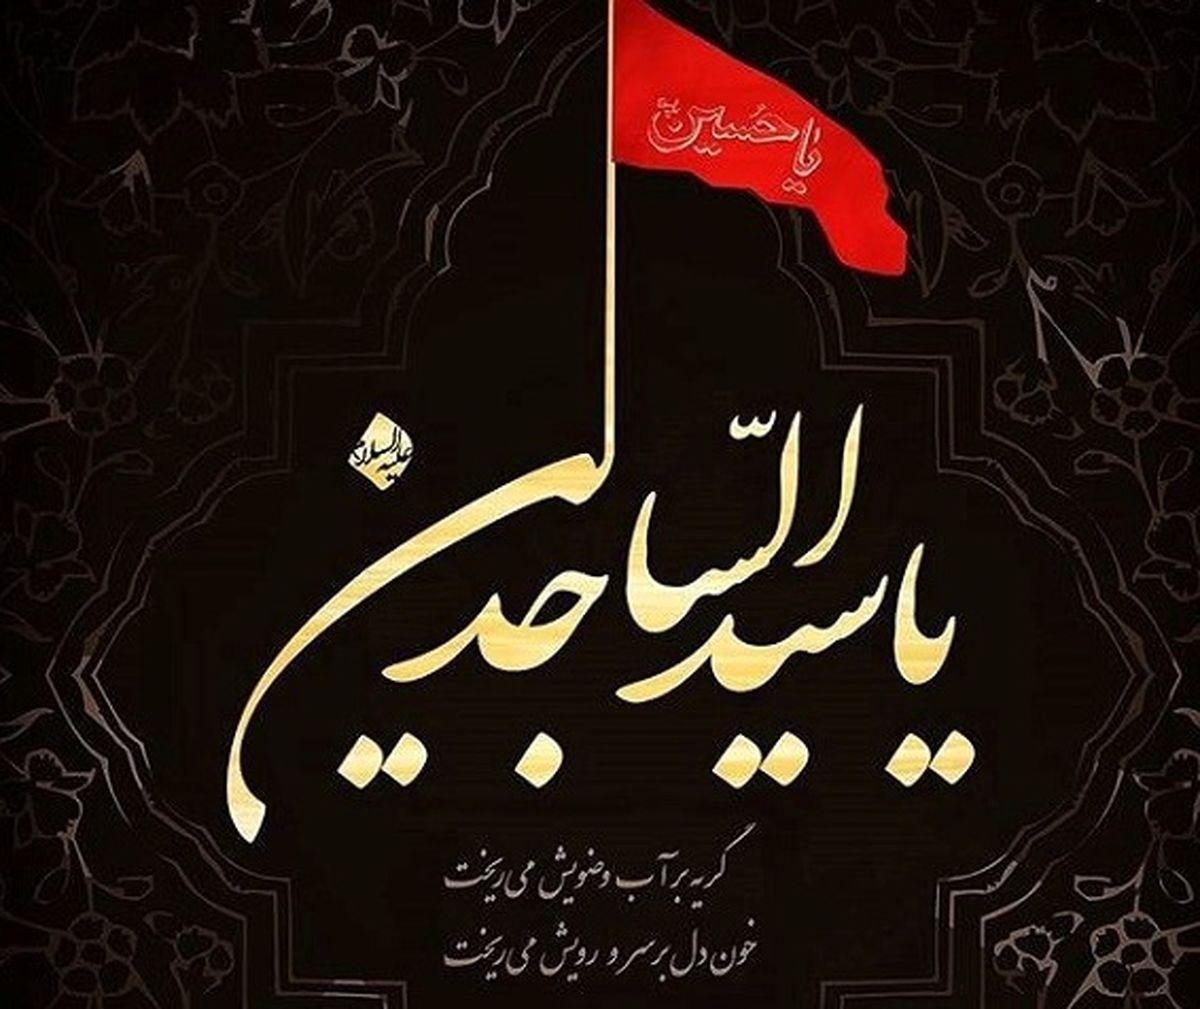 پیامک های تسلیت شهادت امام سجاد (ع) + عکس پروفایل